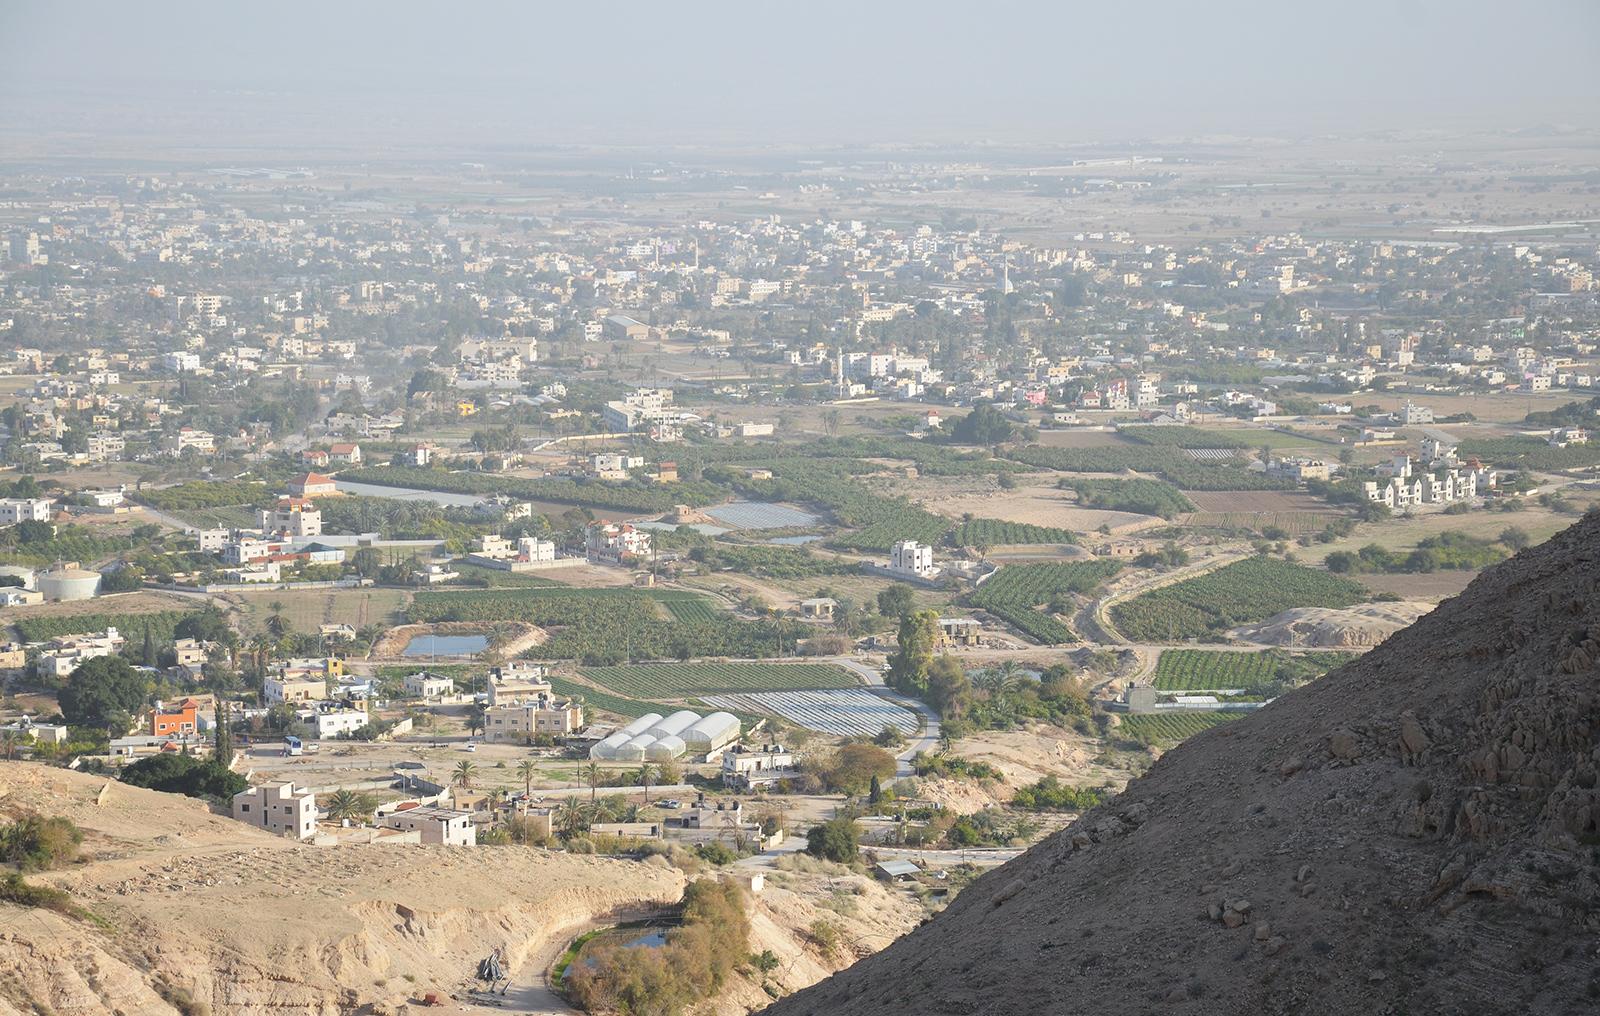 Výhled na Jericho z Klášera pokušení, Jericho, Západní Břeh